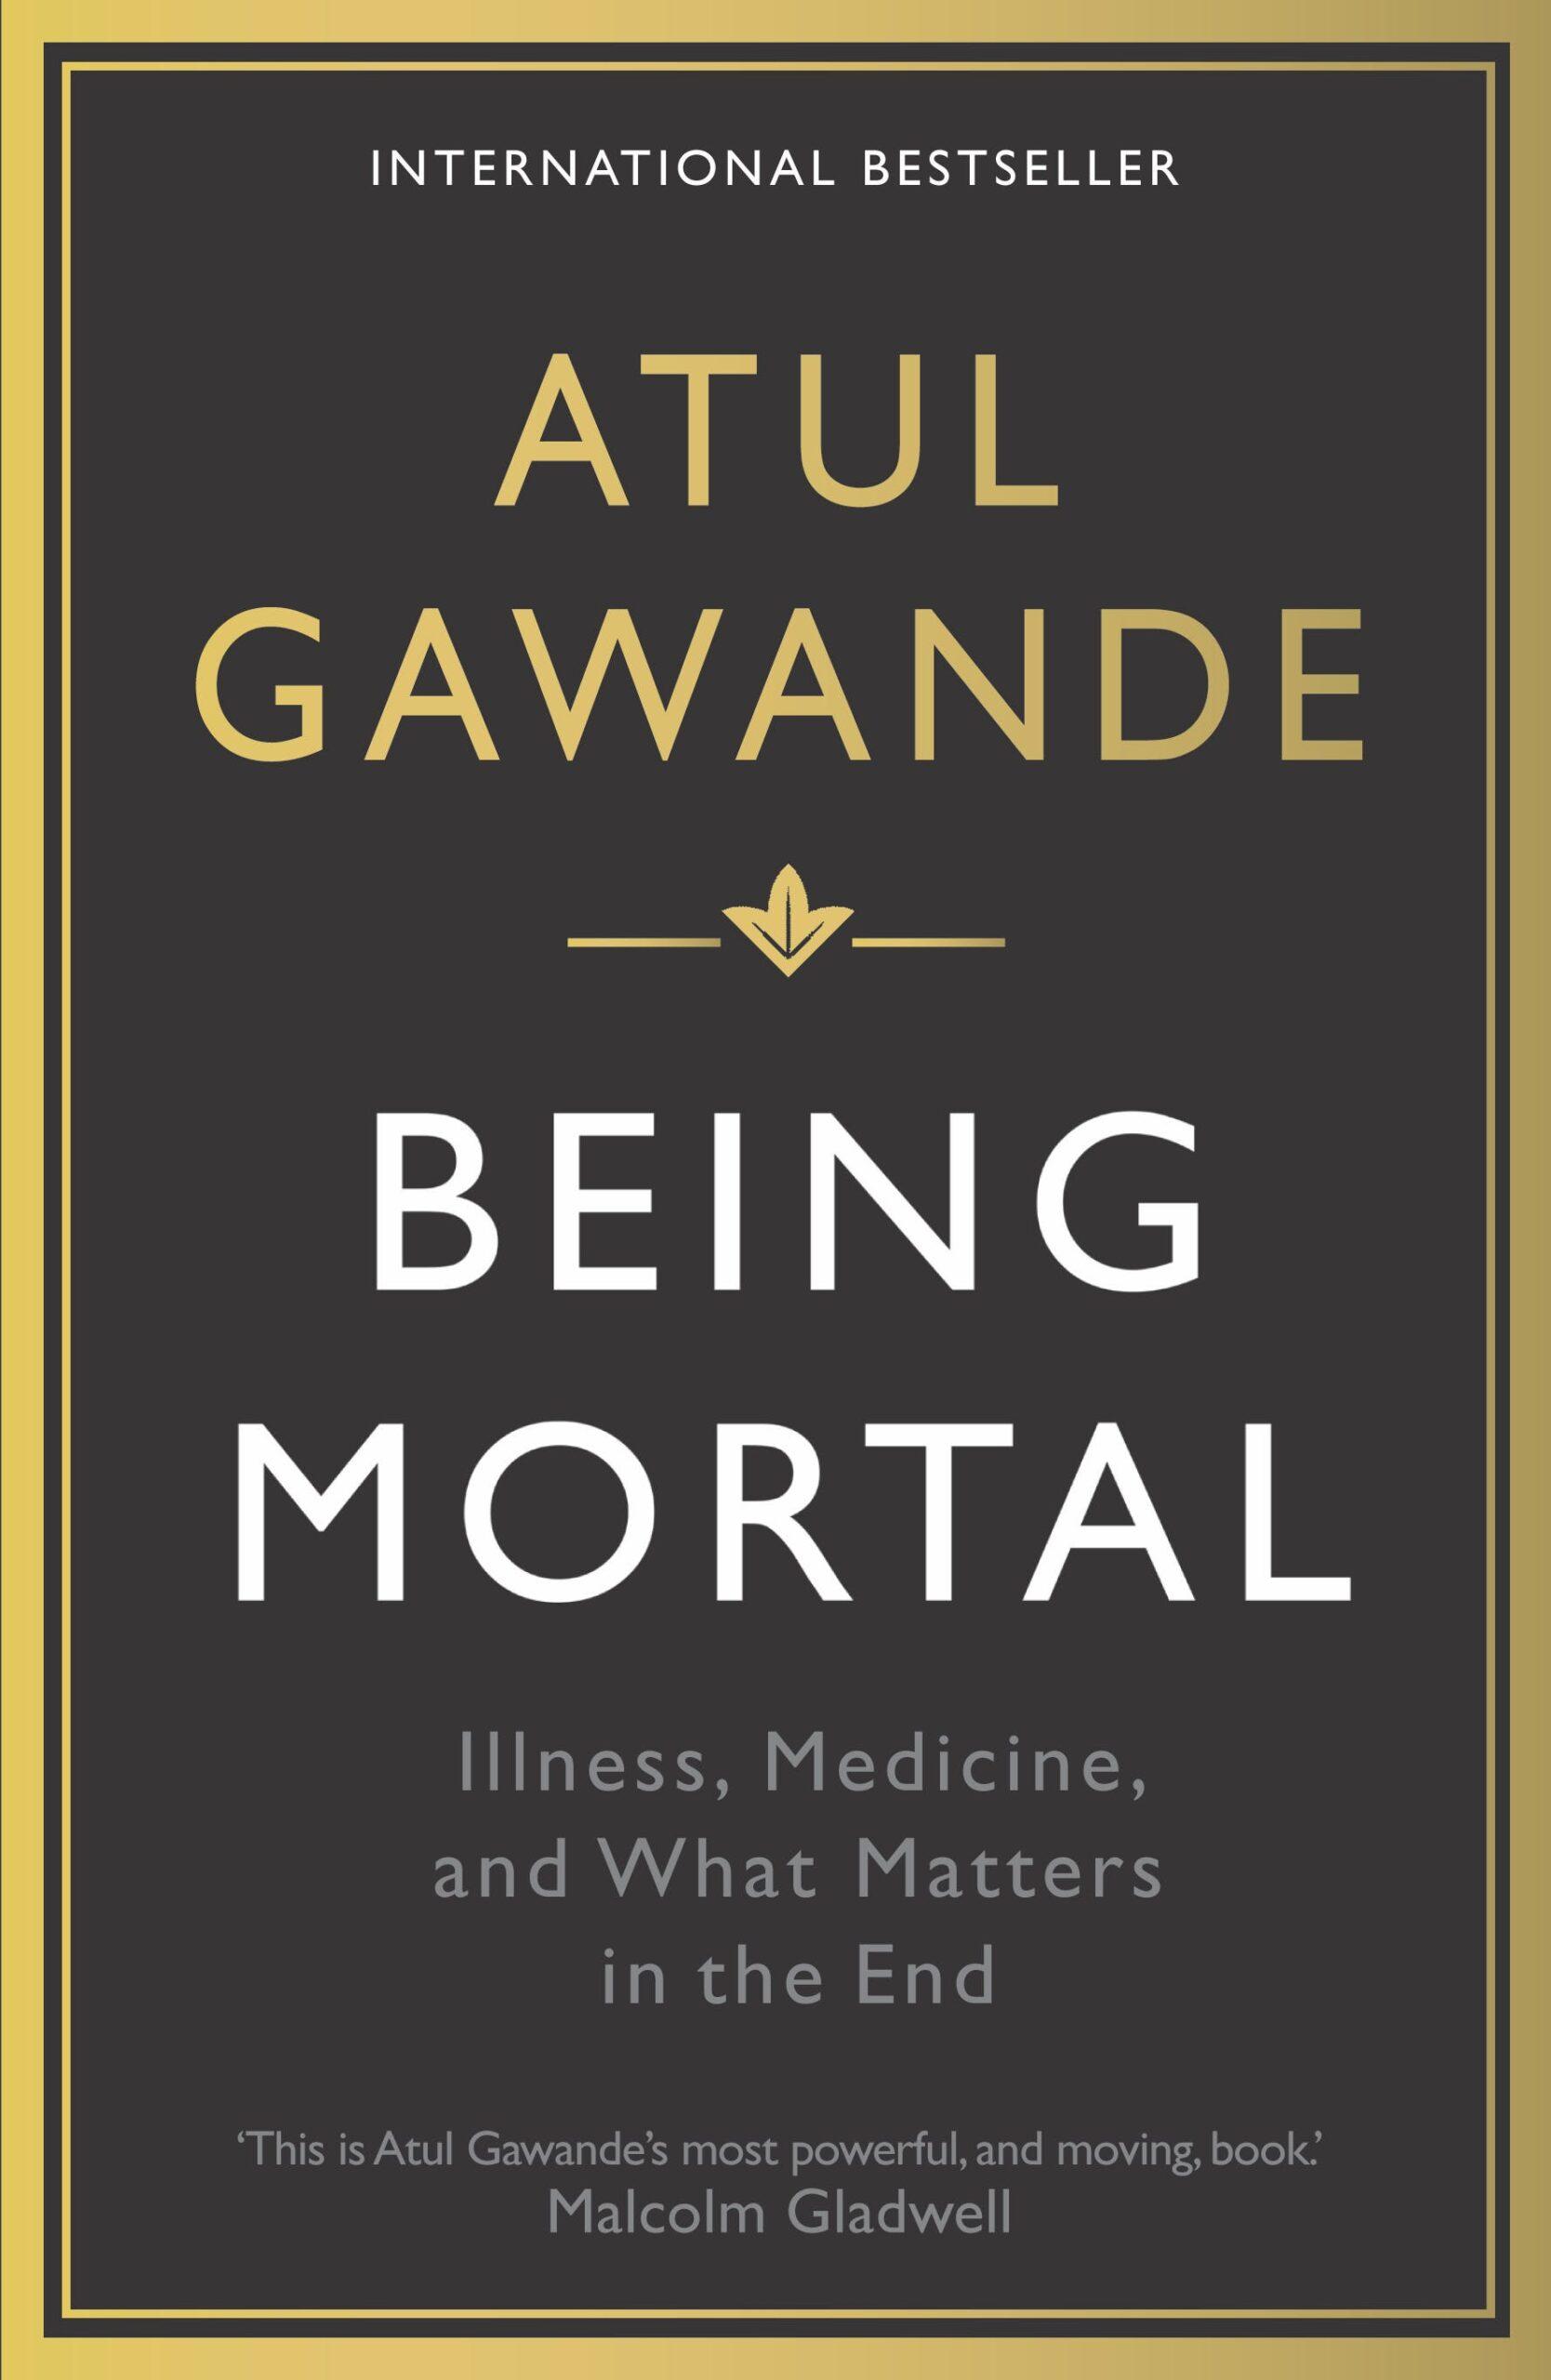 Being Mortal - Atul Gawande - MedAhead